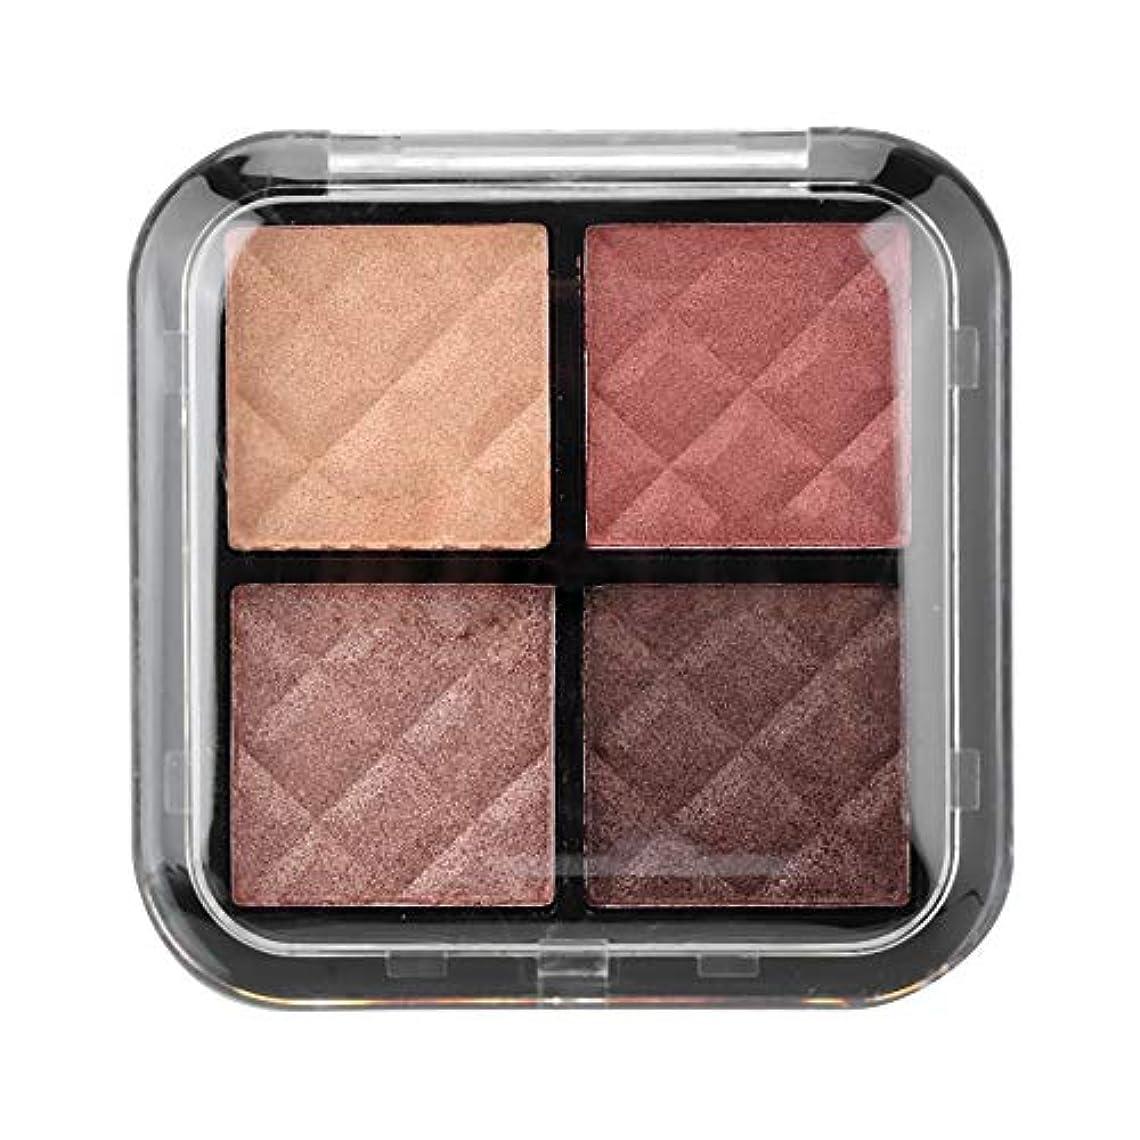 アイシャドウパレット 4色 化粧マット 化粧品ツール グロス アイシャドウパウダー(01)